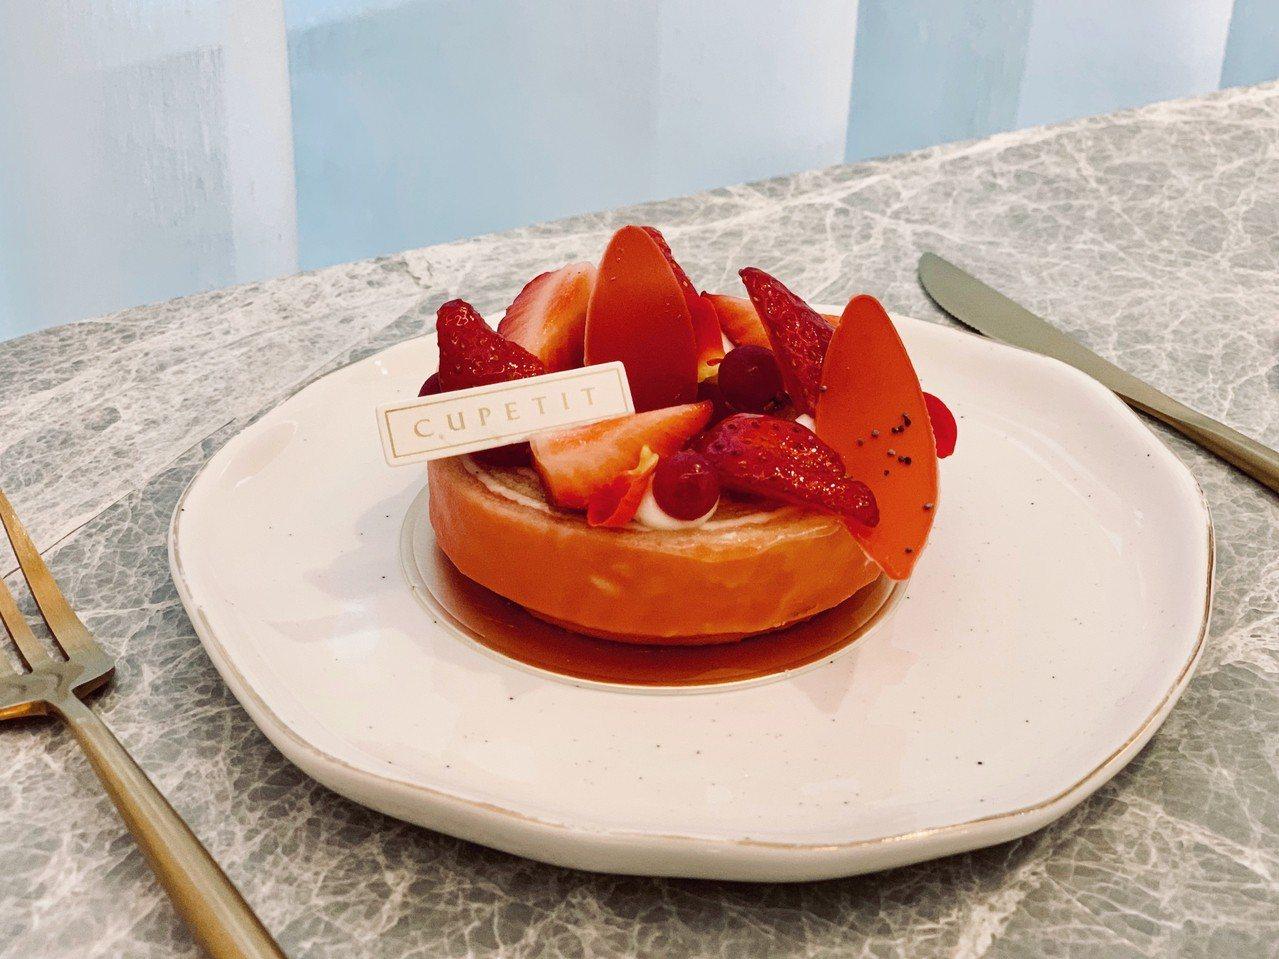 季節限定「草莓蛋糕」,售價220元。記者張芳瑜/攝影